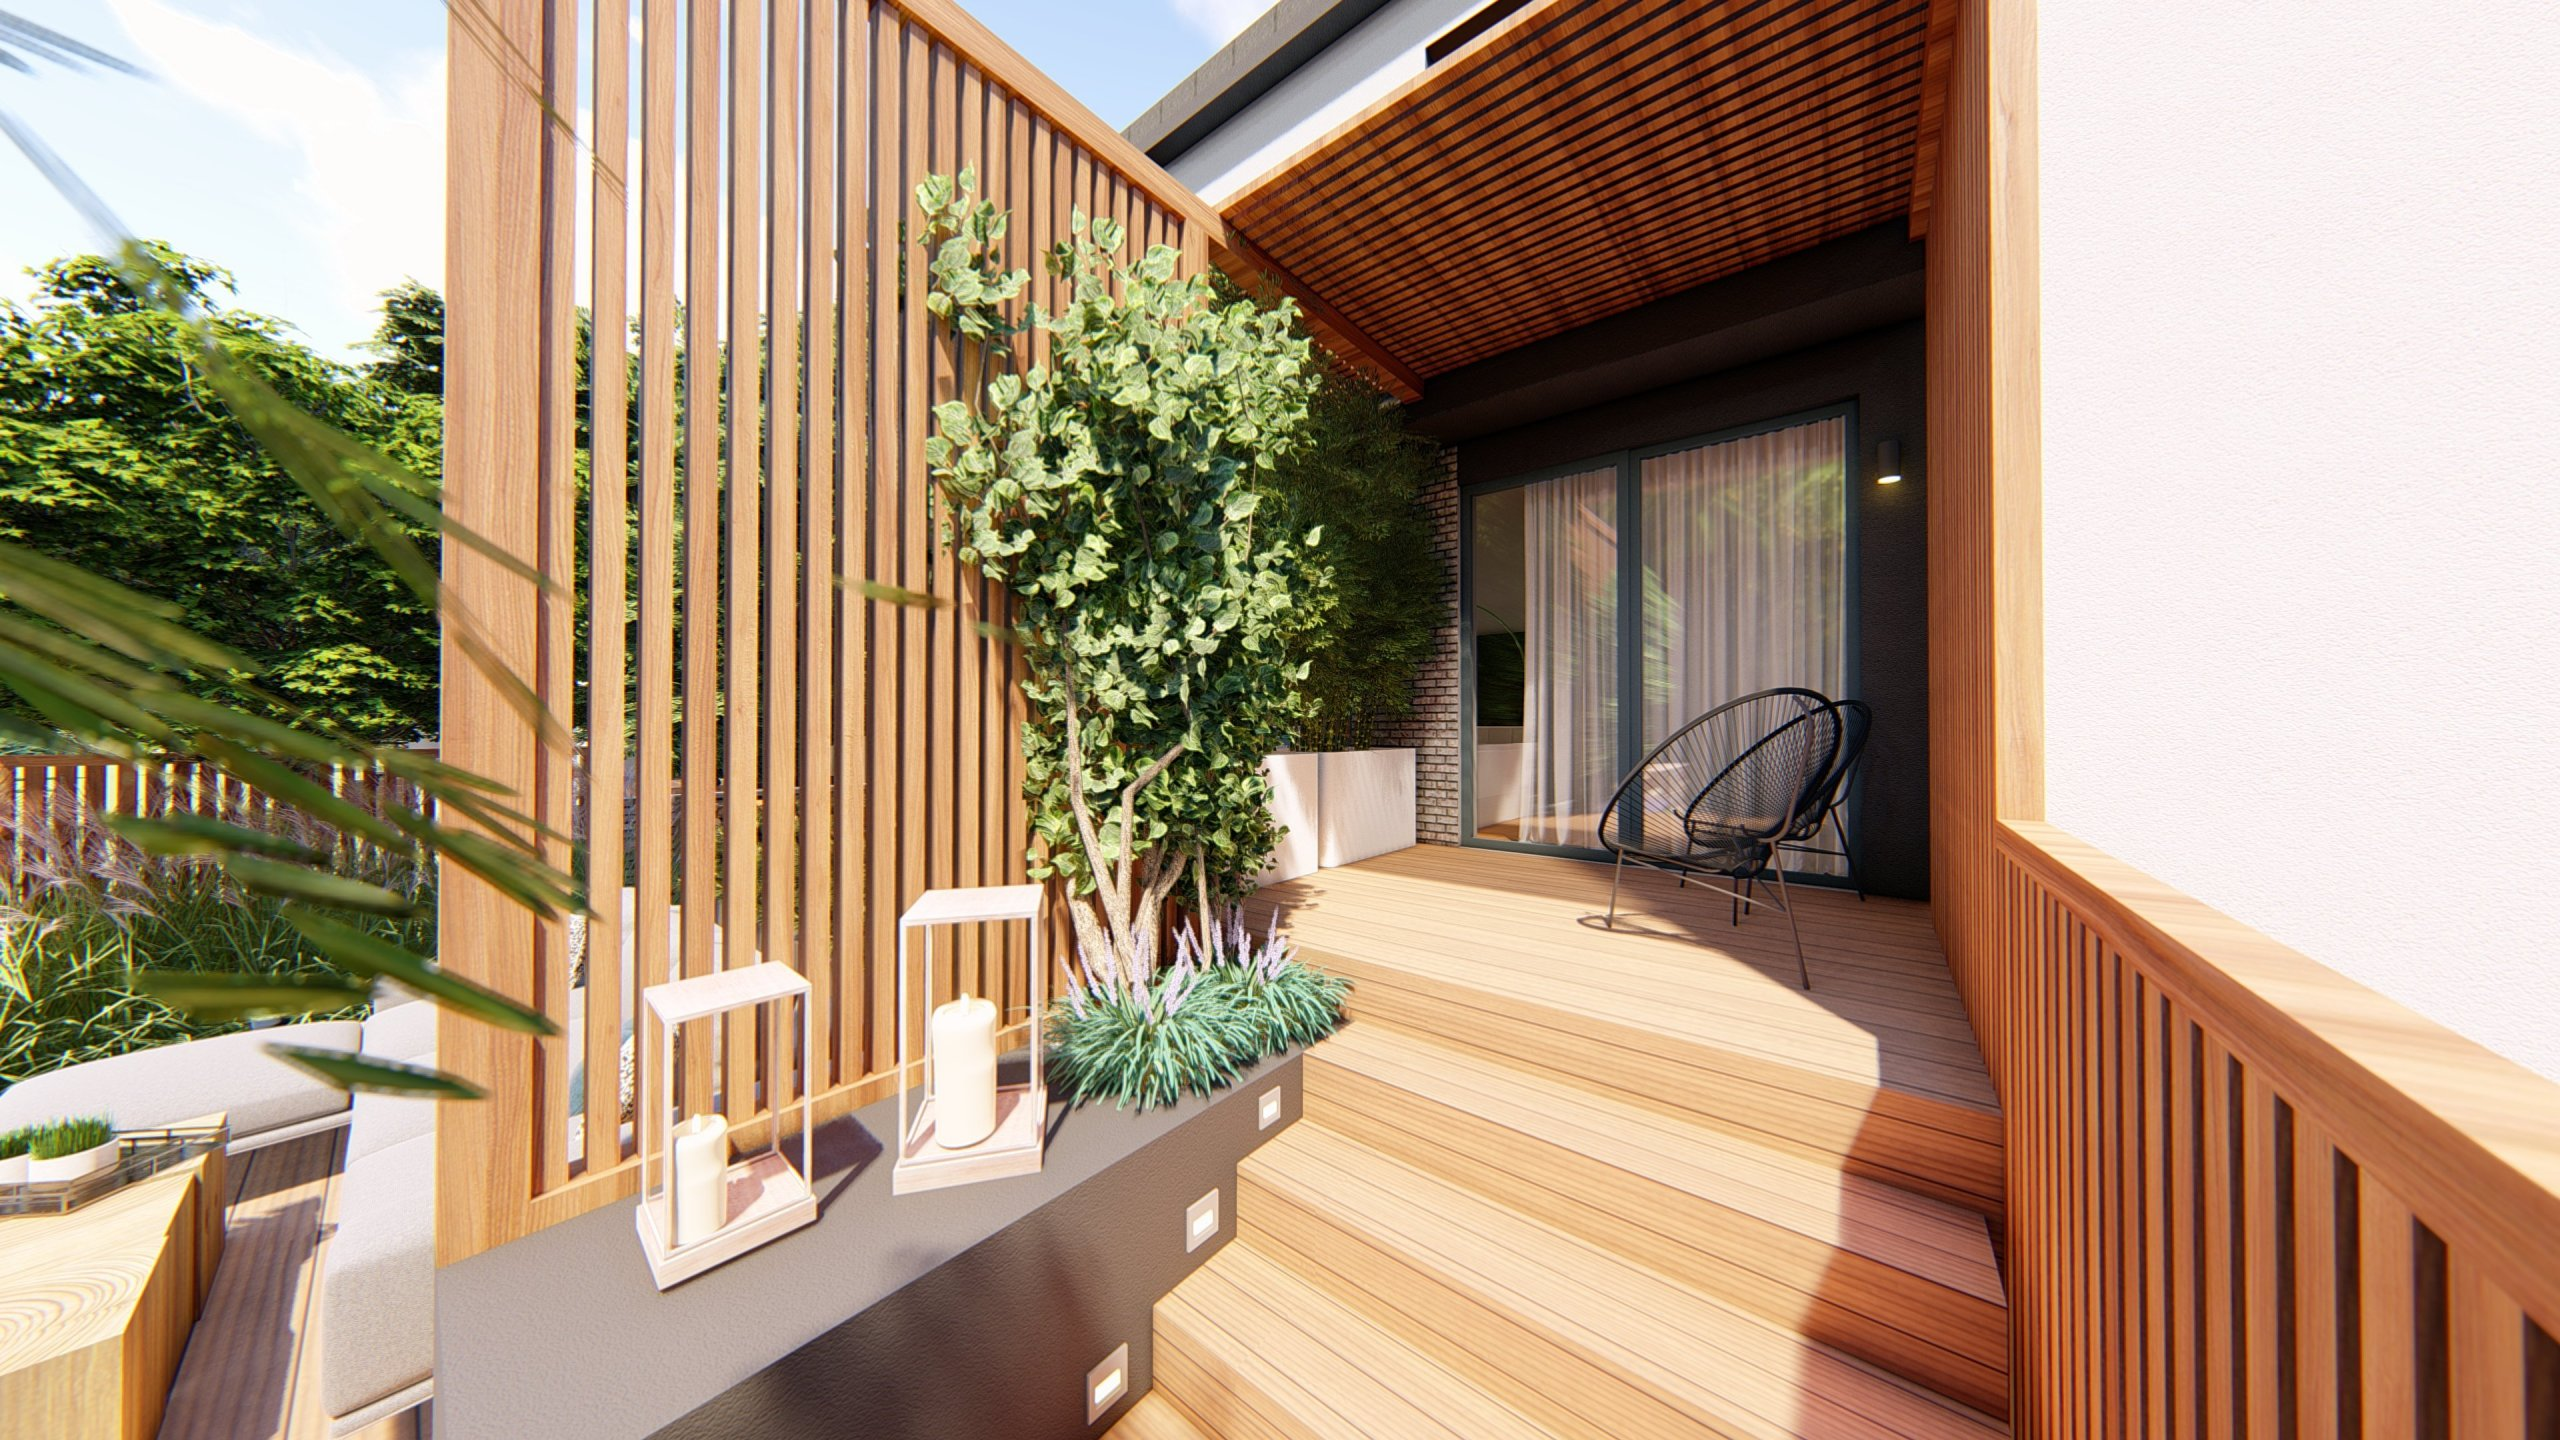 Malé zahrady paradoxně mohou být velmi prostorné :) Představujeme zahradní koncept na Praze 5